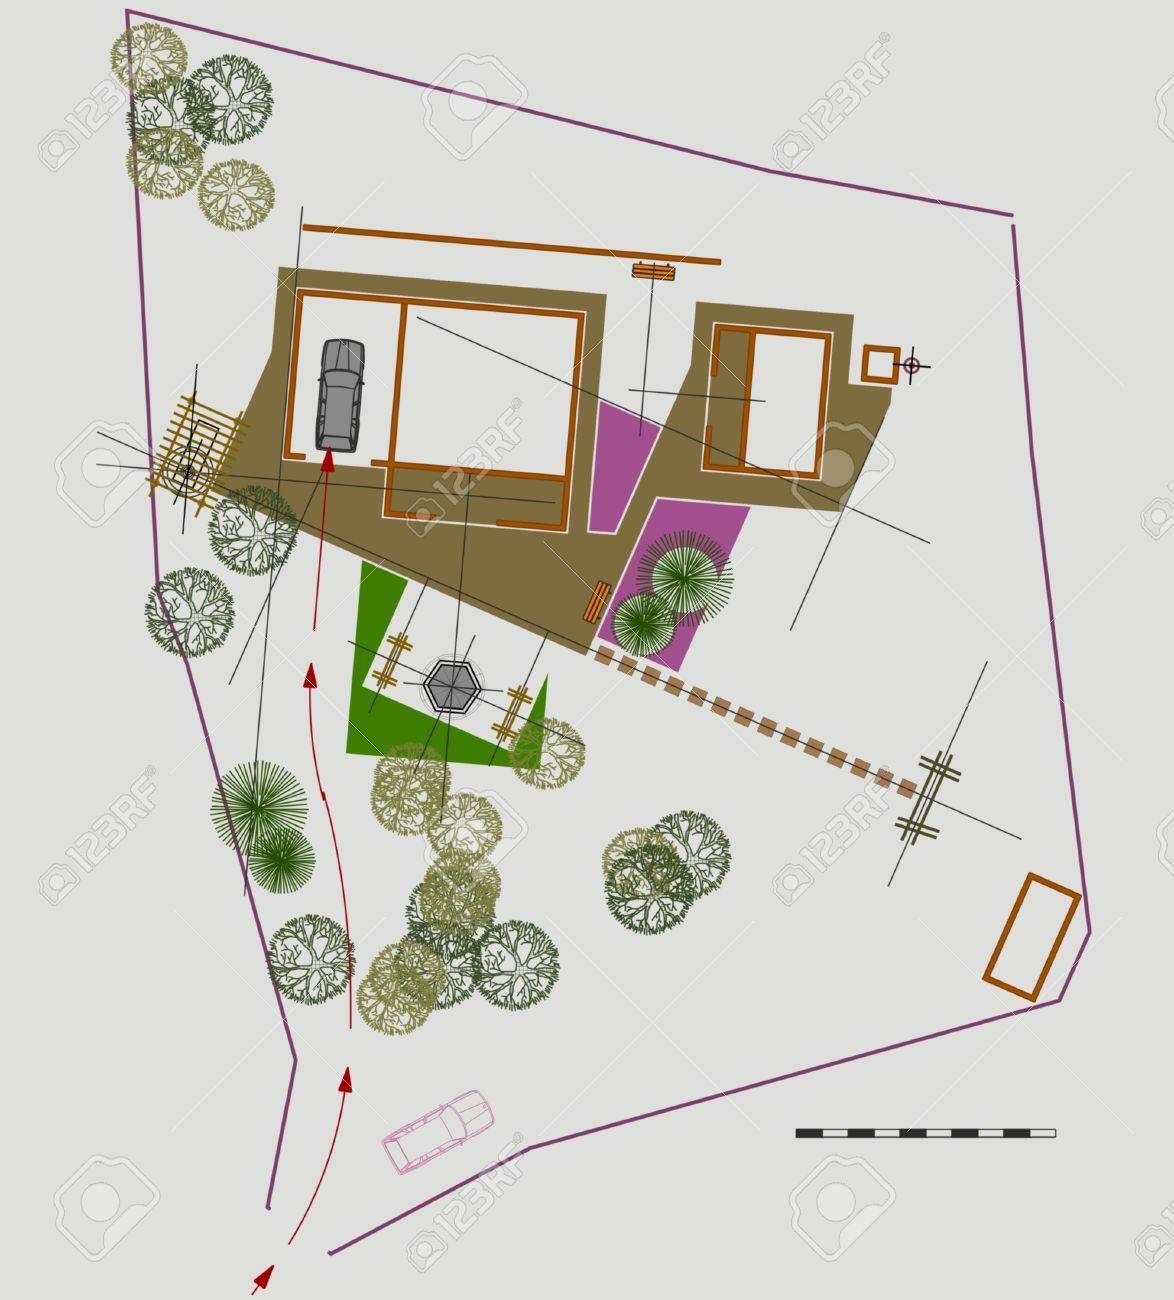 Sito Per Progettare Casa piano del sito per la progettazione del paesaggio casa